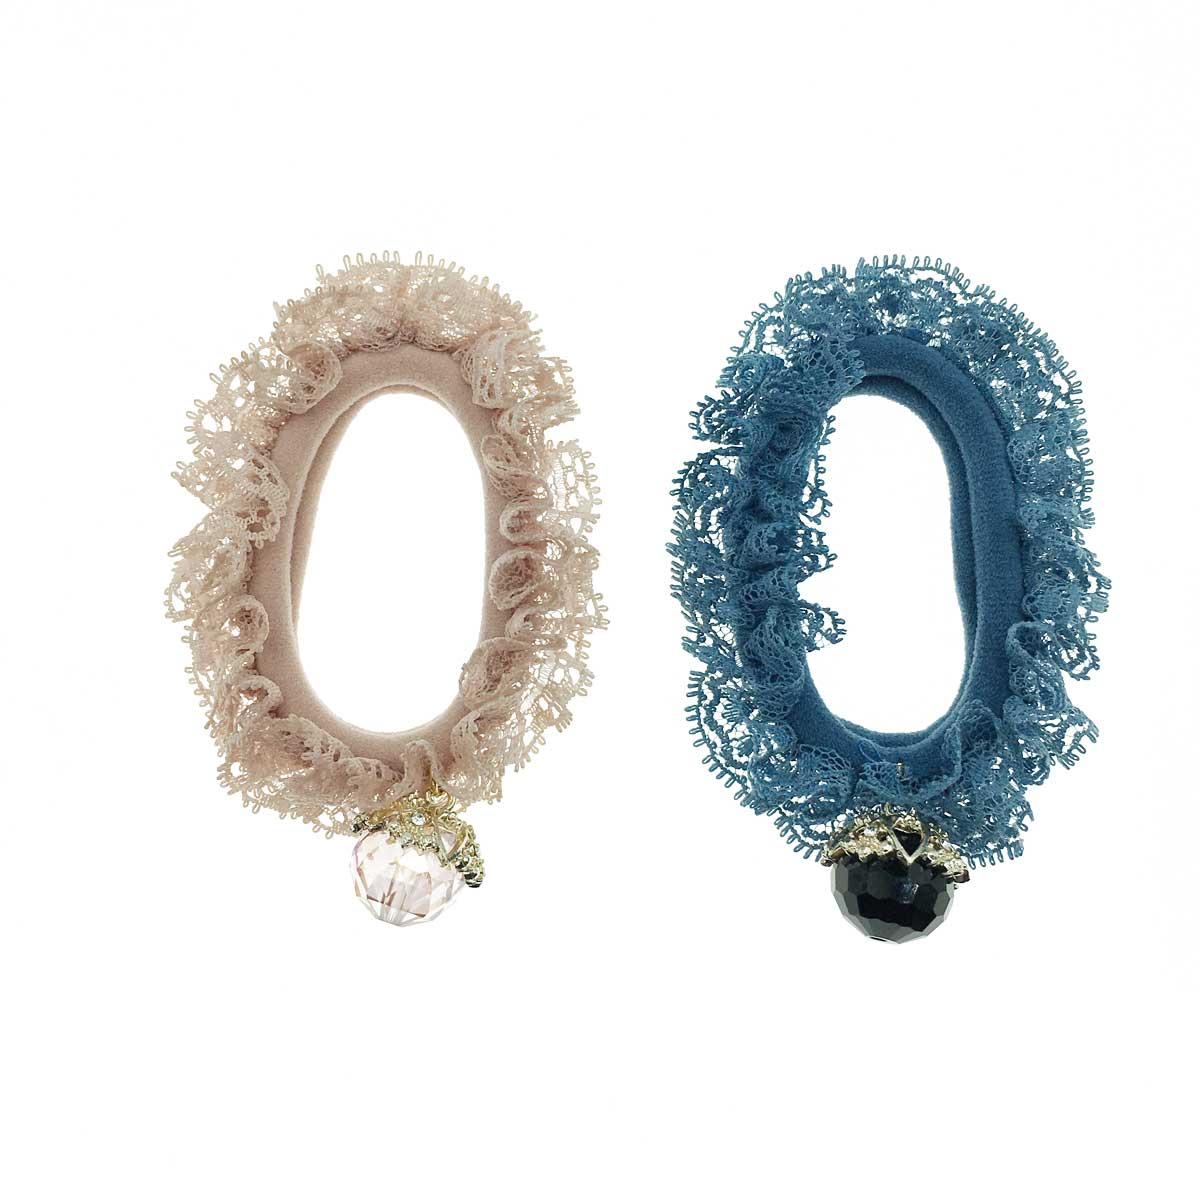 韓國 金邊造型水晶球 蕾絲質感造型 百搭素面華麗髮束